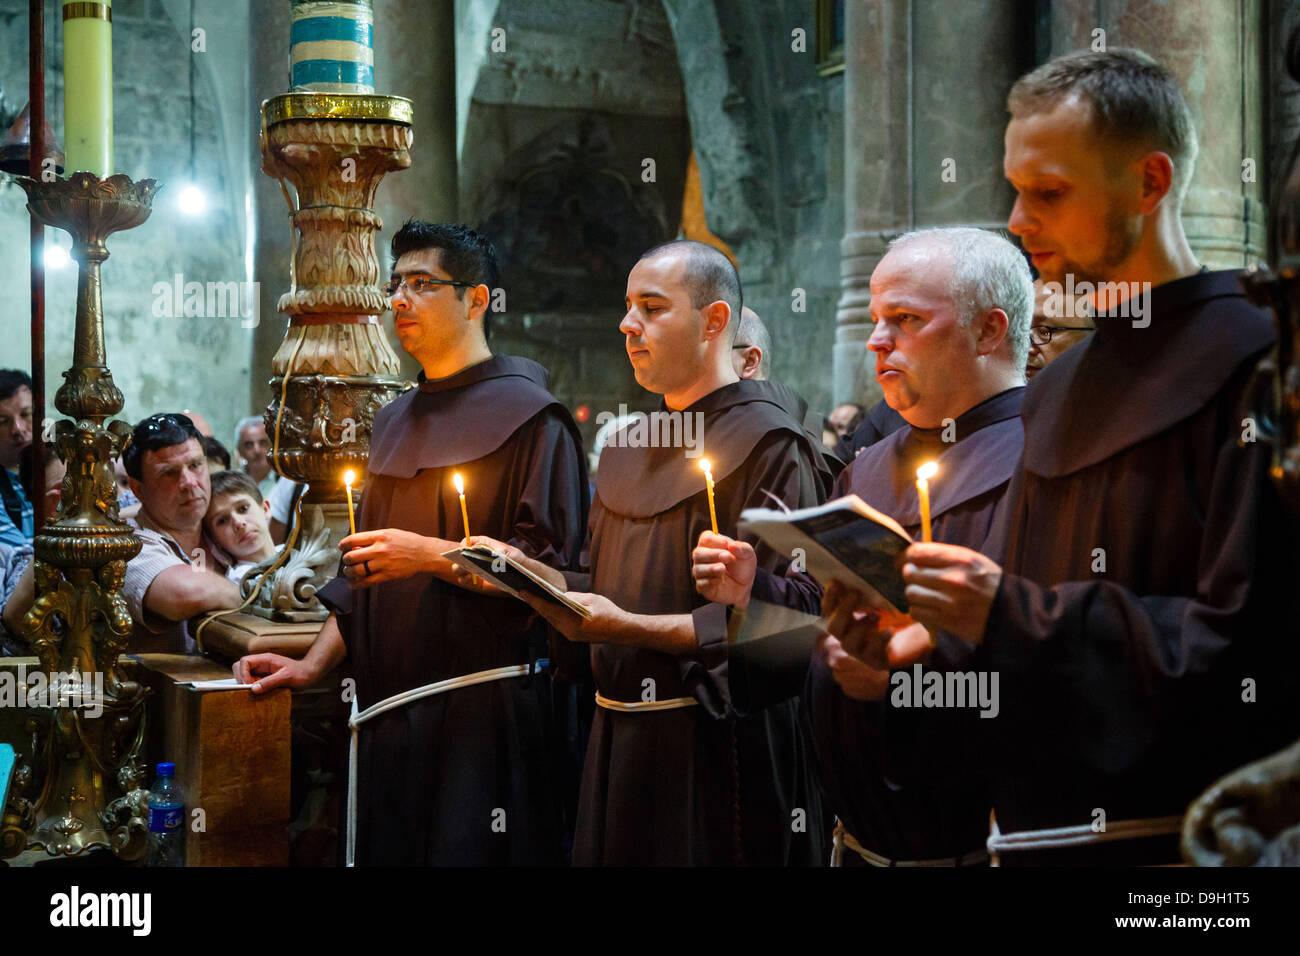 Los monjes franciscanos en la iglesia del Santo Sepulcro en la ciudad vieja de Jerusalén, Israel. Imagen De Stock